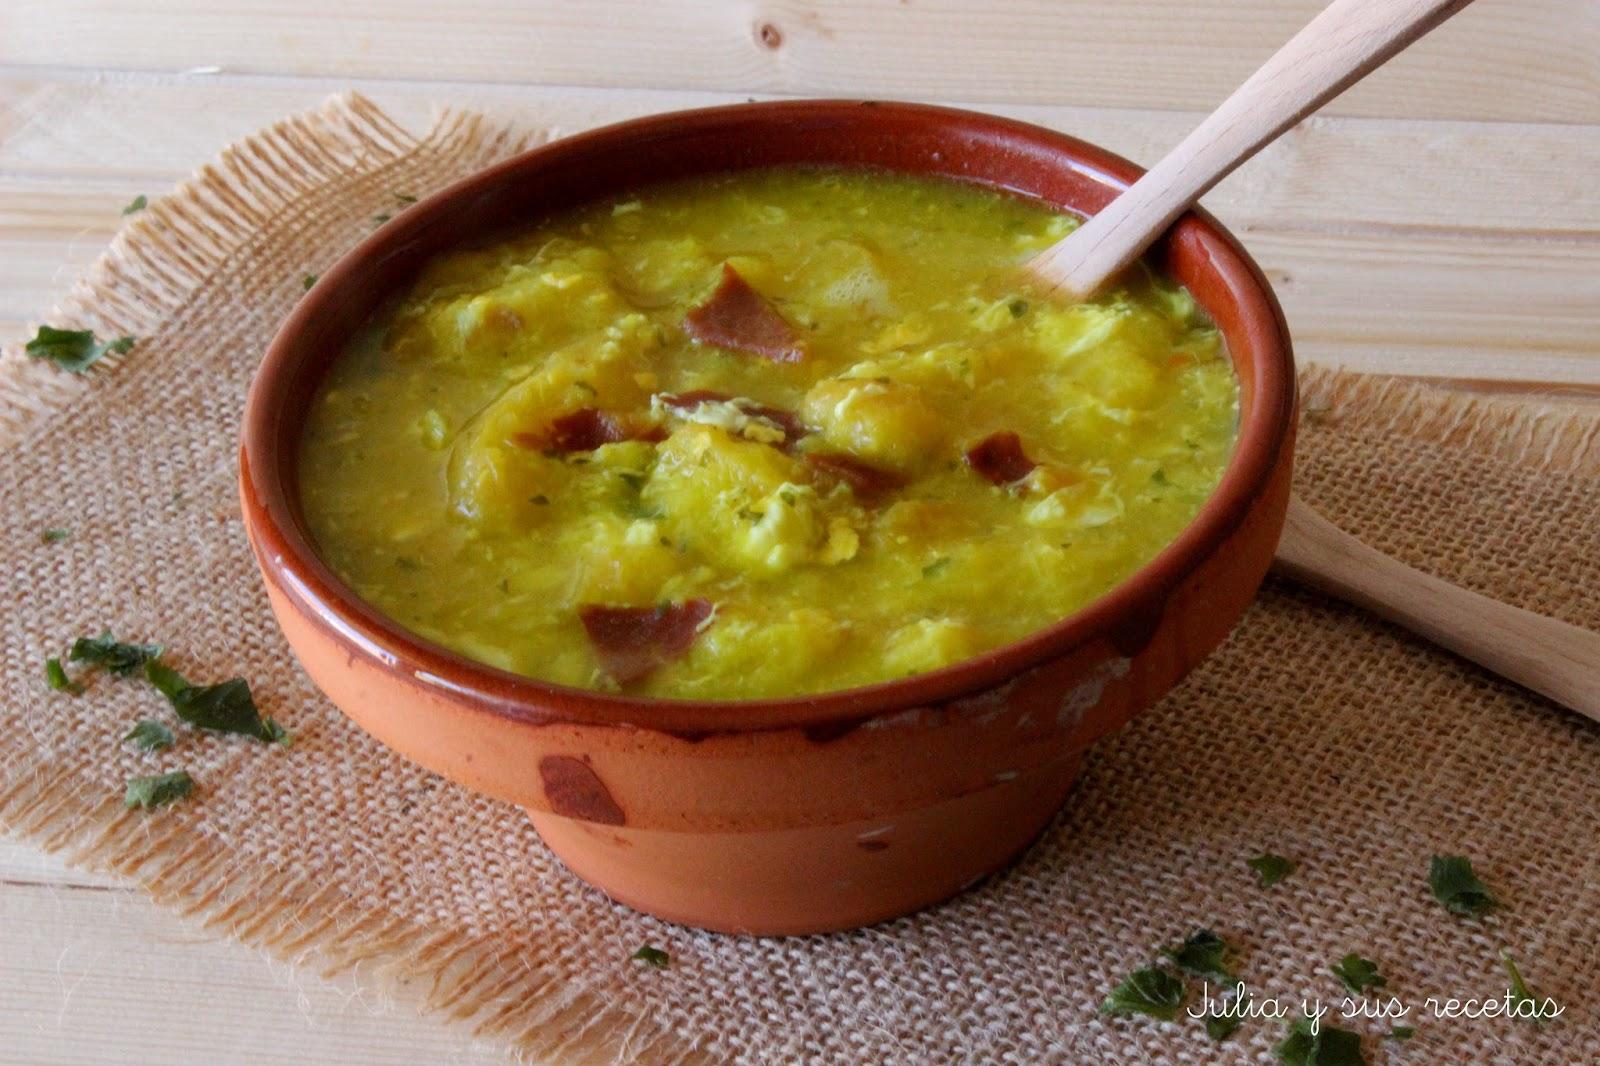 Sopa de jamón y pan. Julia y sus recetas